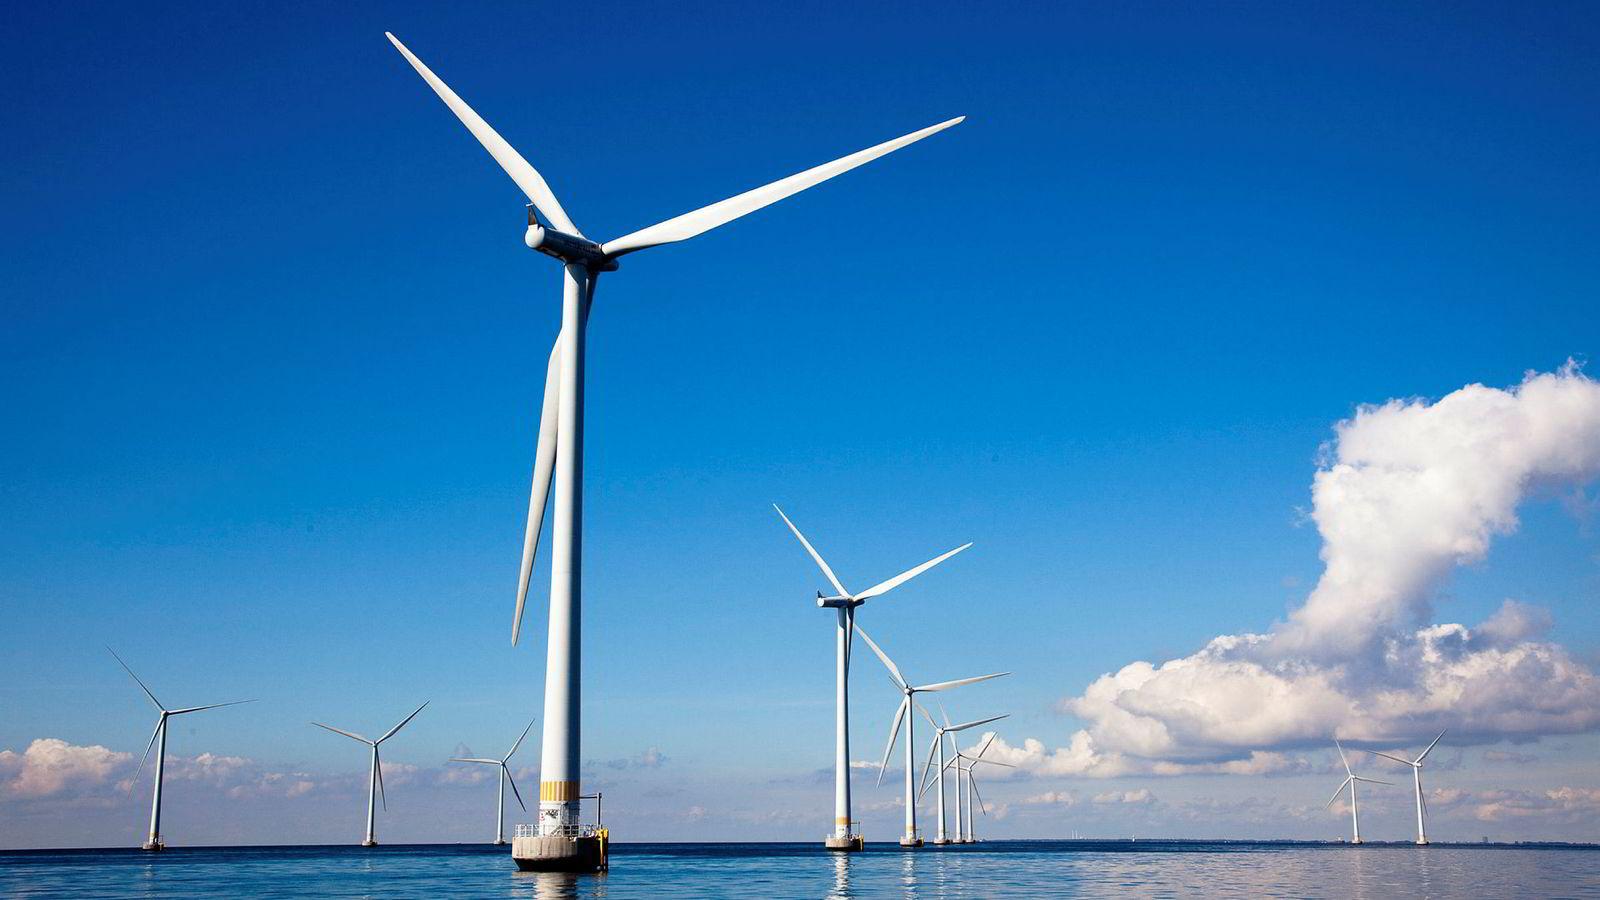 Fornybardelen av verdens samlede energiforbruk er cirka 14 prosent, hvorav 1,6 prosent er ny fornybar energi – vind, sol og bio – og 12 prosent er kjernekraft og vannkraft, med cirka seks prosent hver.